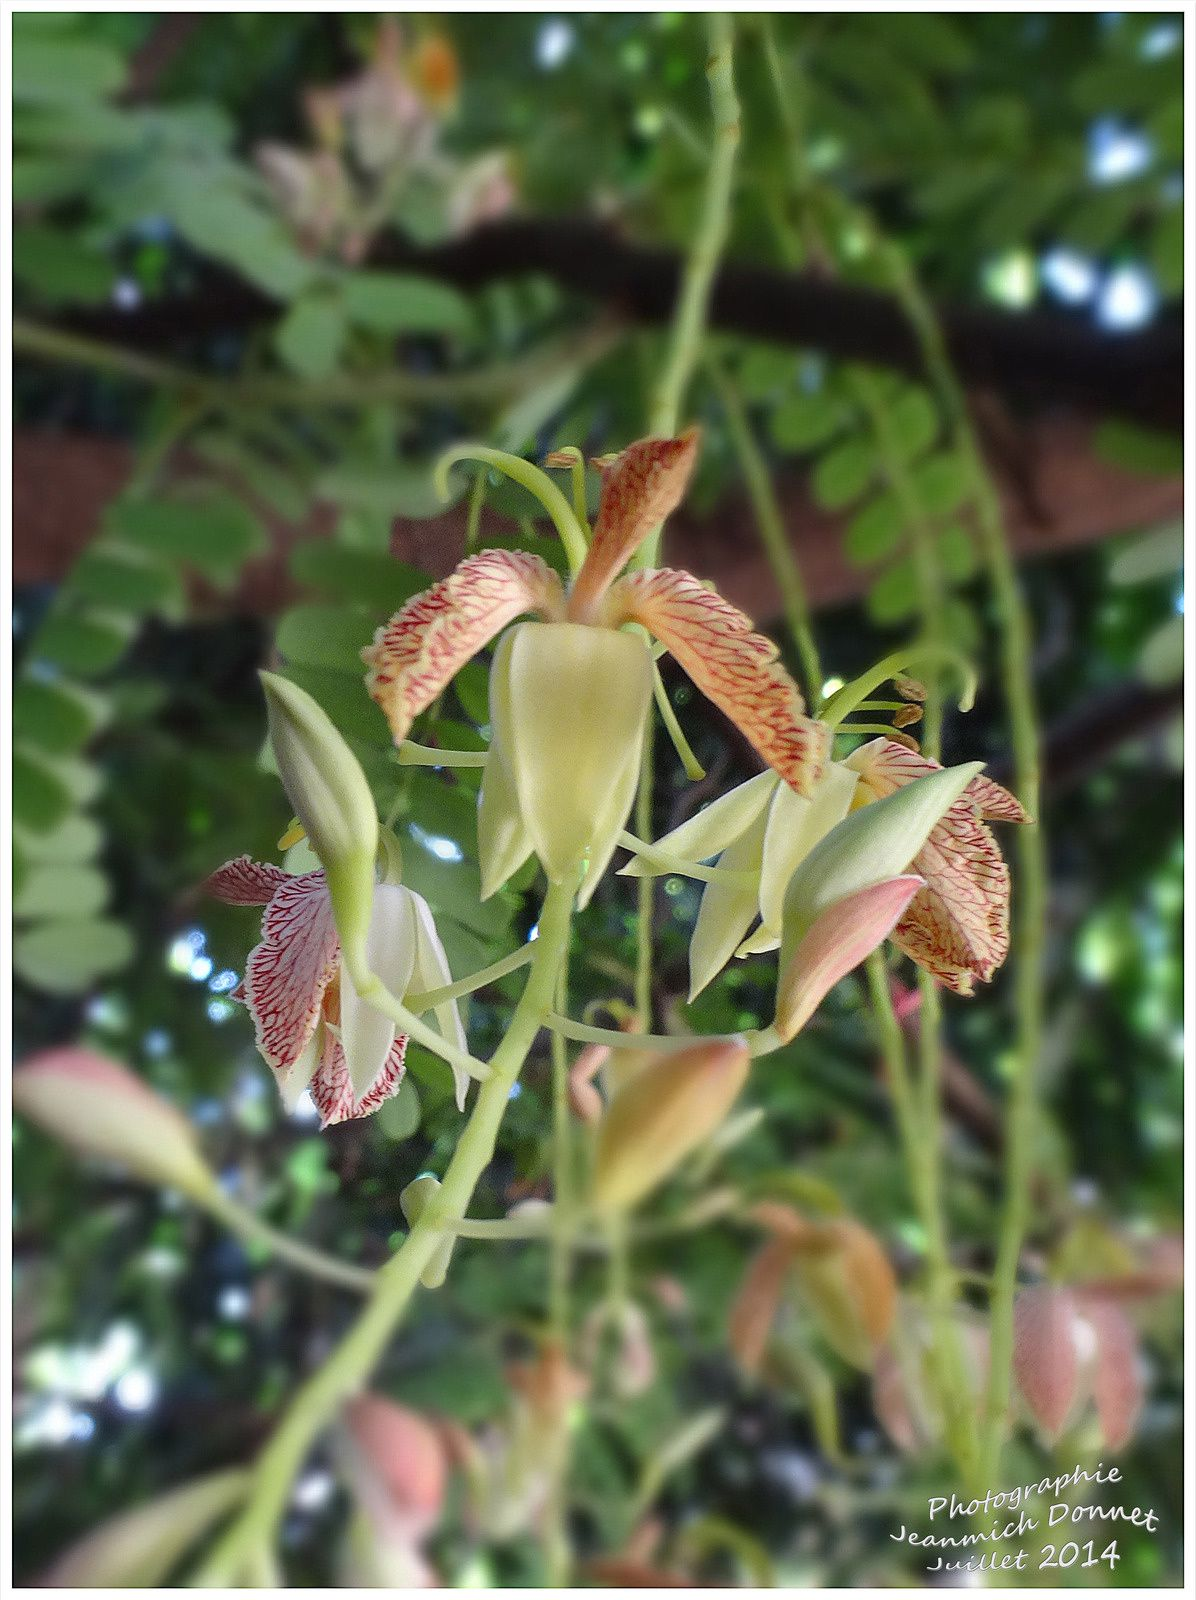 La fleur, aux pétales jaune-crème veinés de pourpre, ressemble à une orchidée.